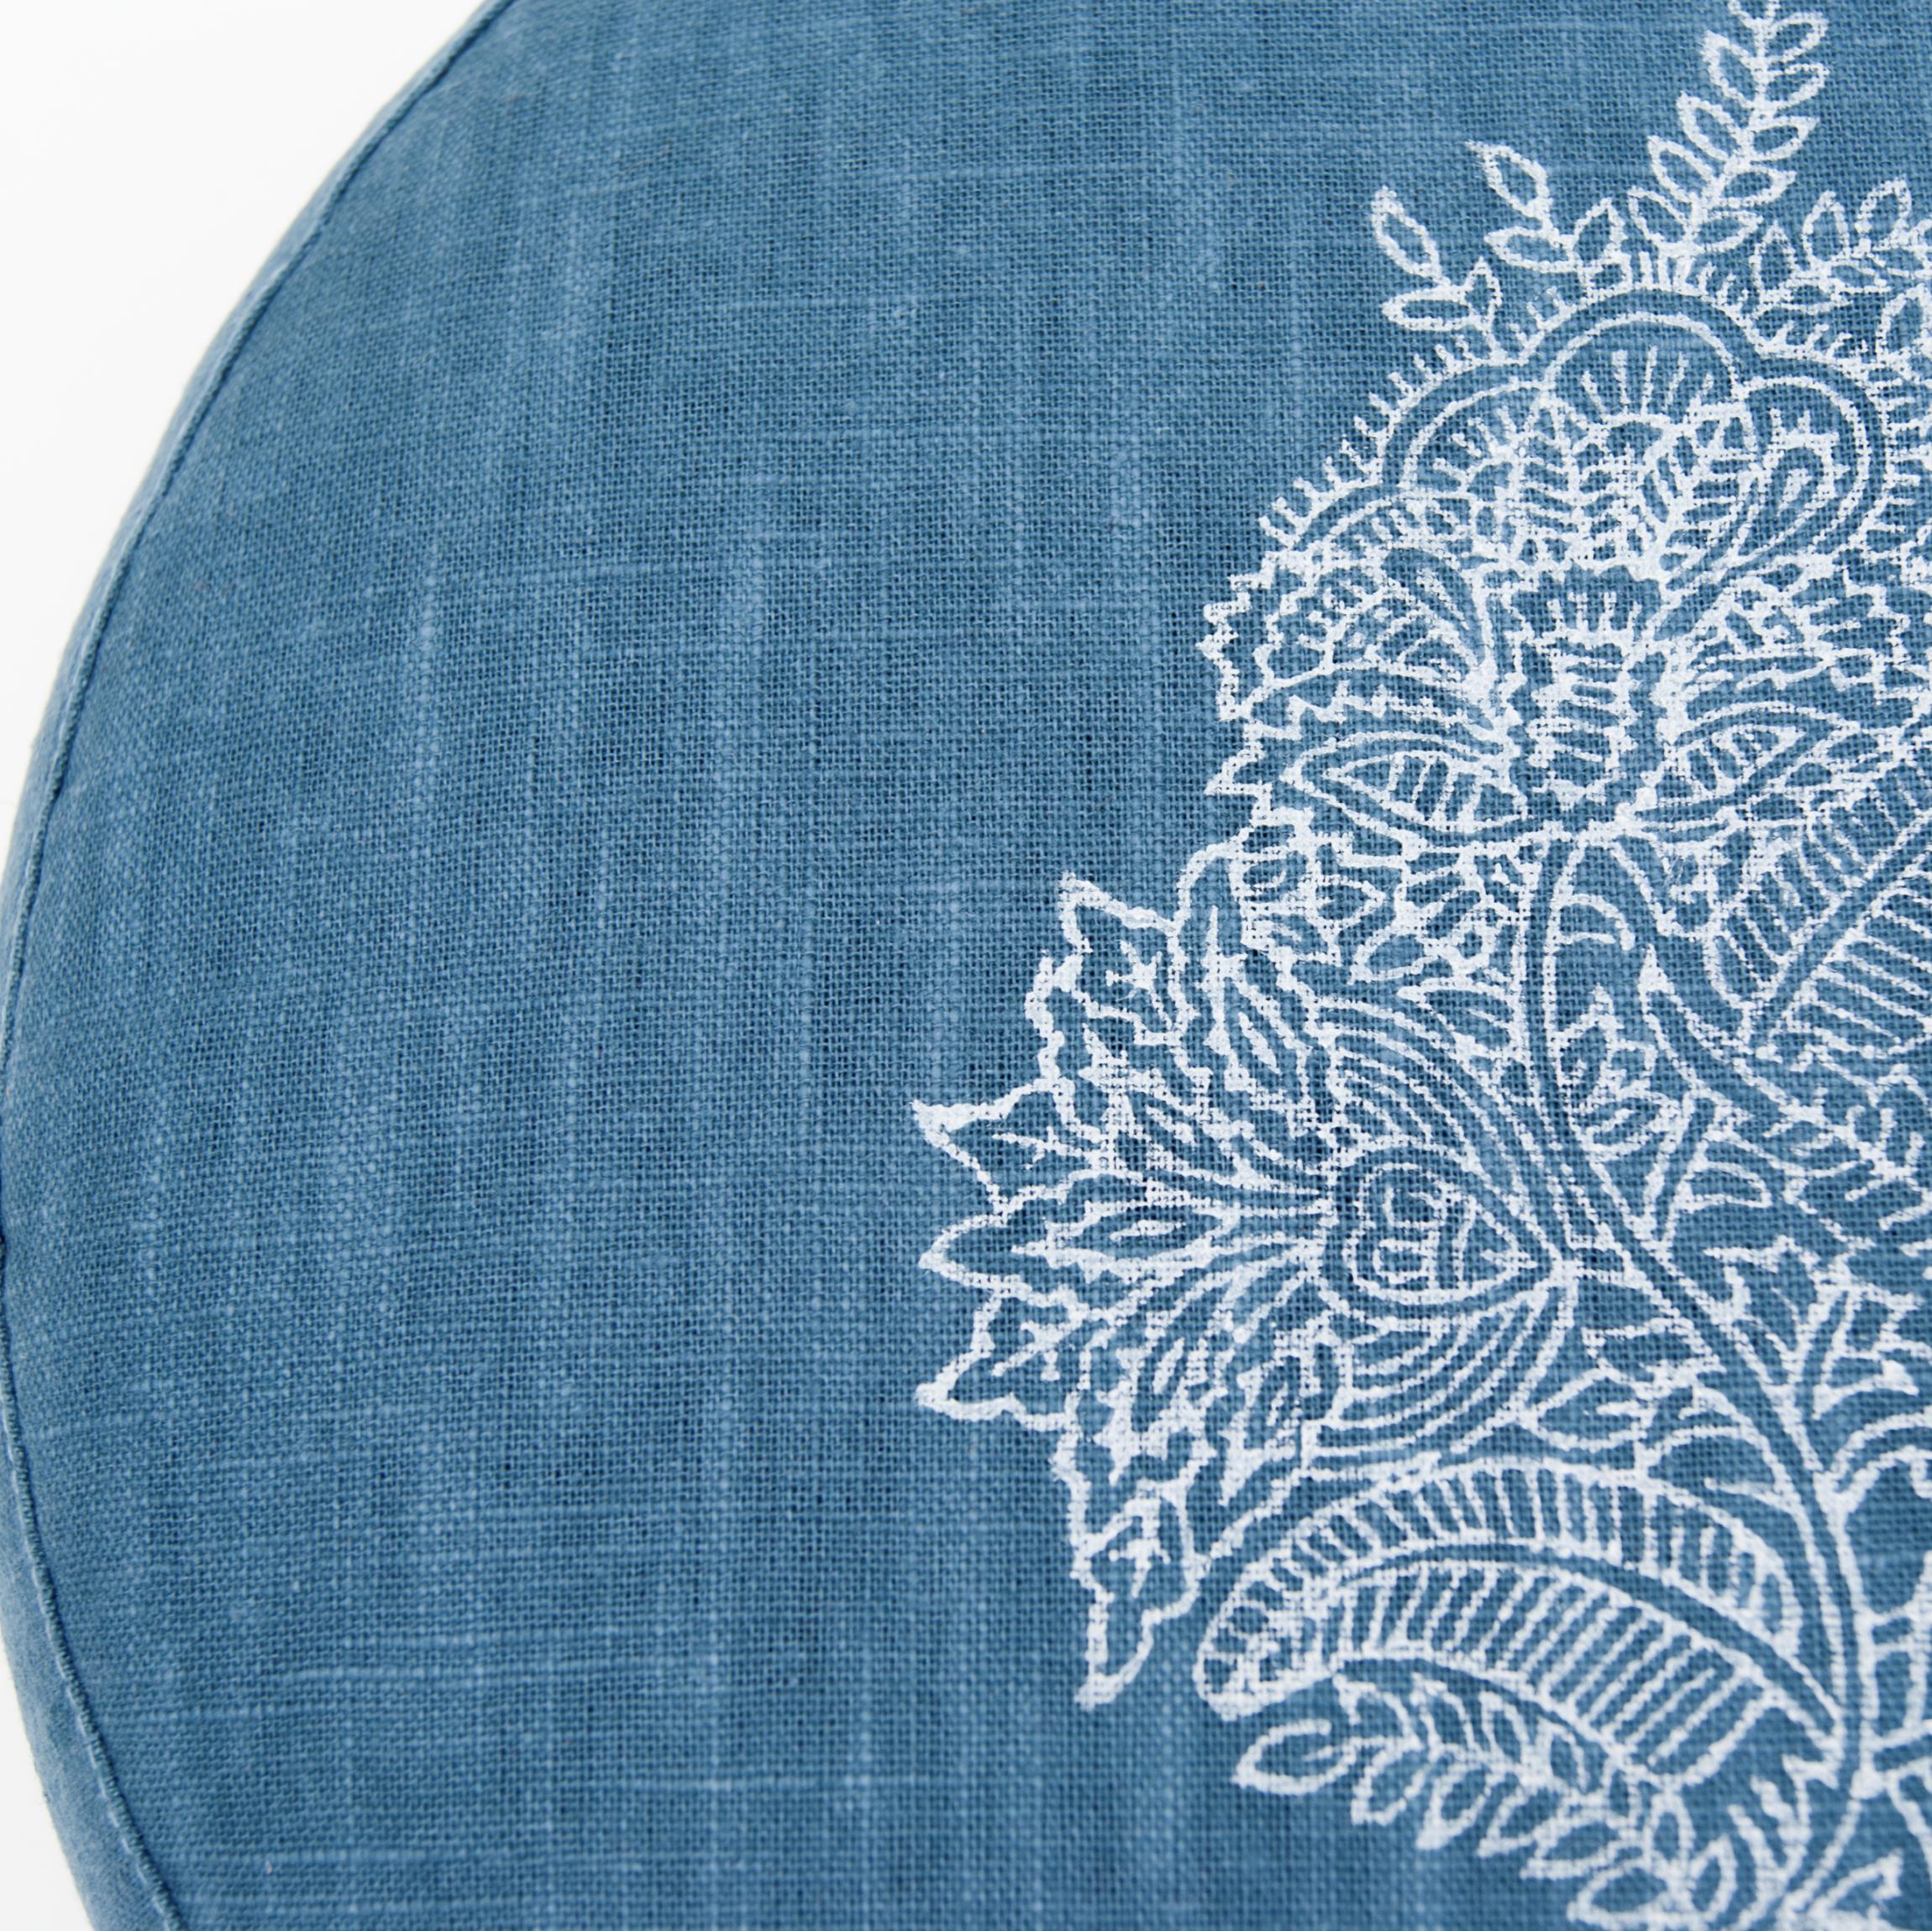 Print Royal Blue Flower meditation cushion